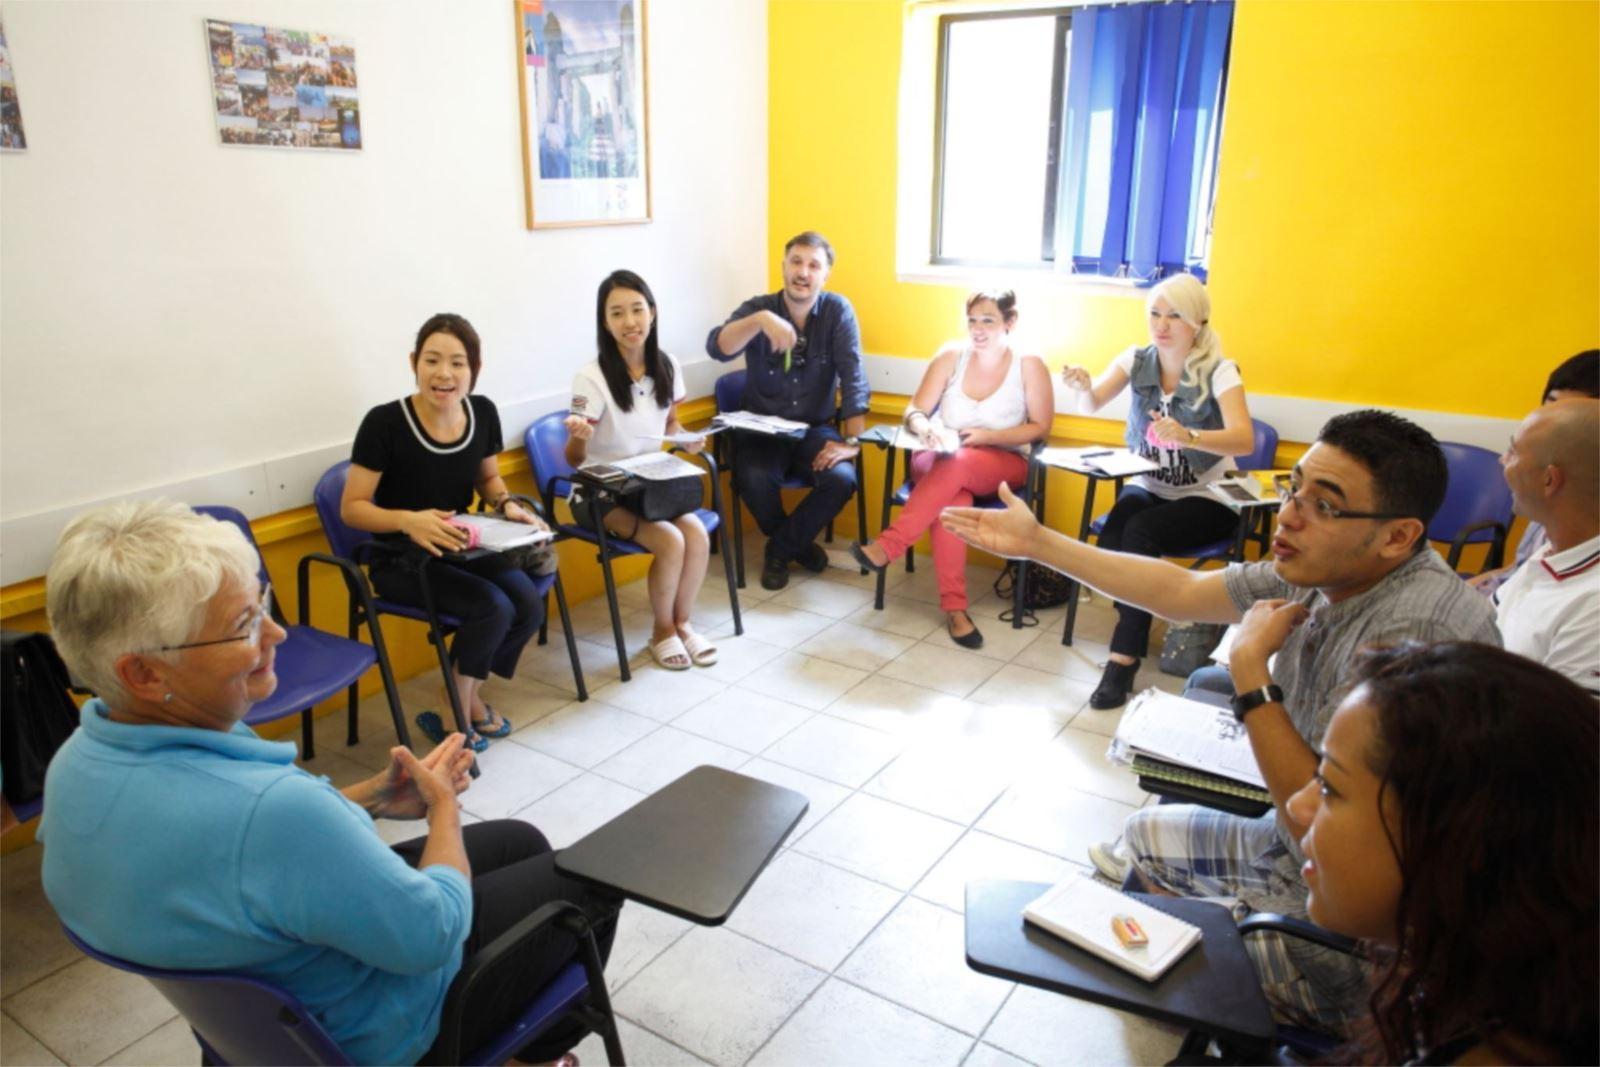 chamber-college-yurtdisinda-dil-okulu-malta-griza-3.jpg